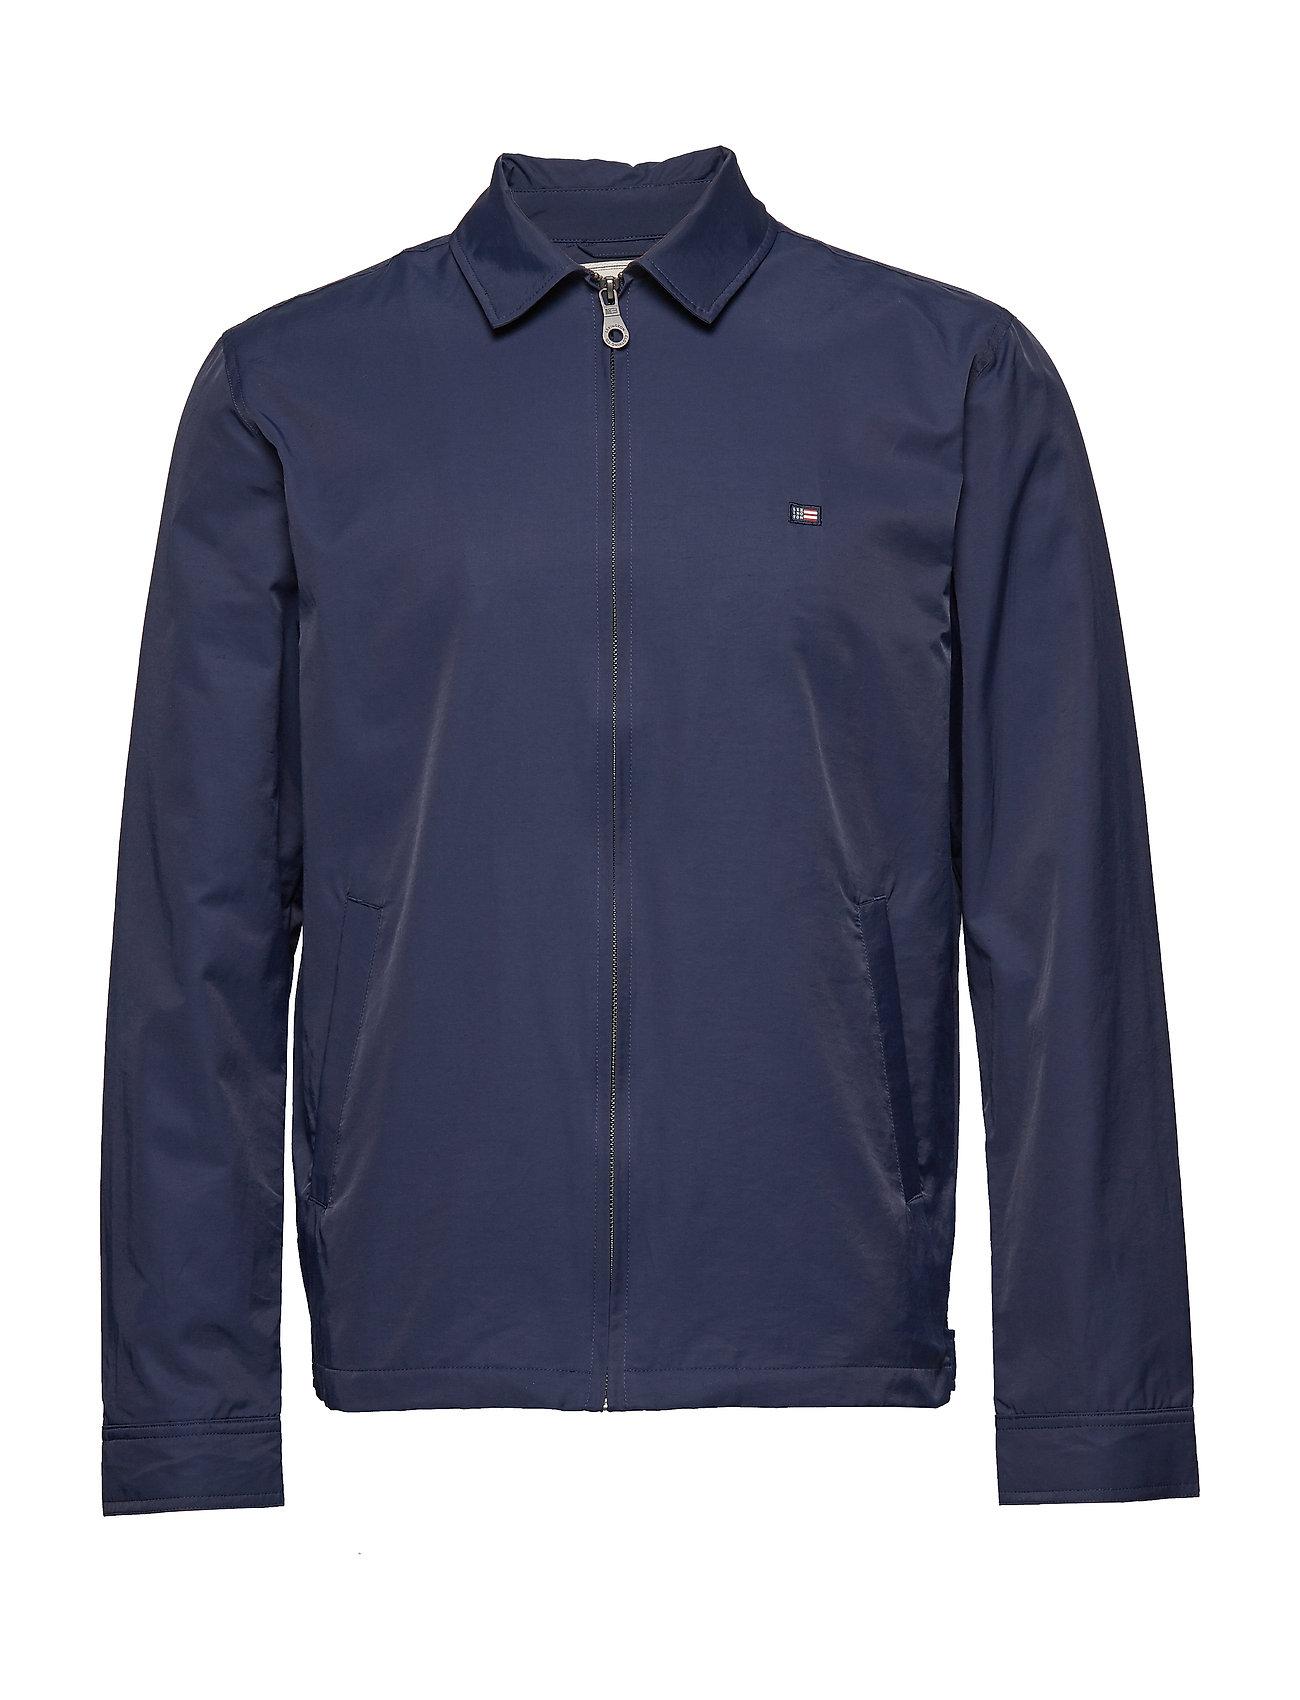 Lexington Clothing Bernie Jacket - NAVY BLUE